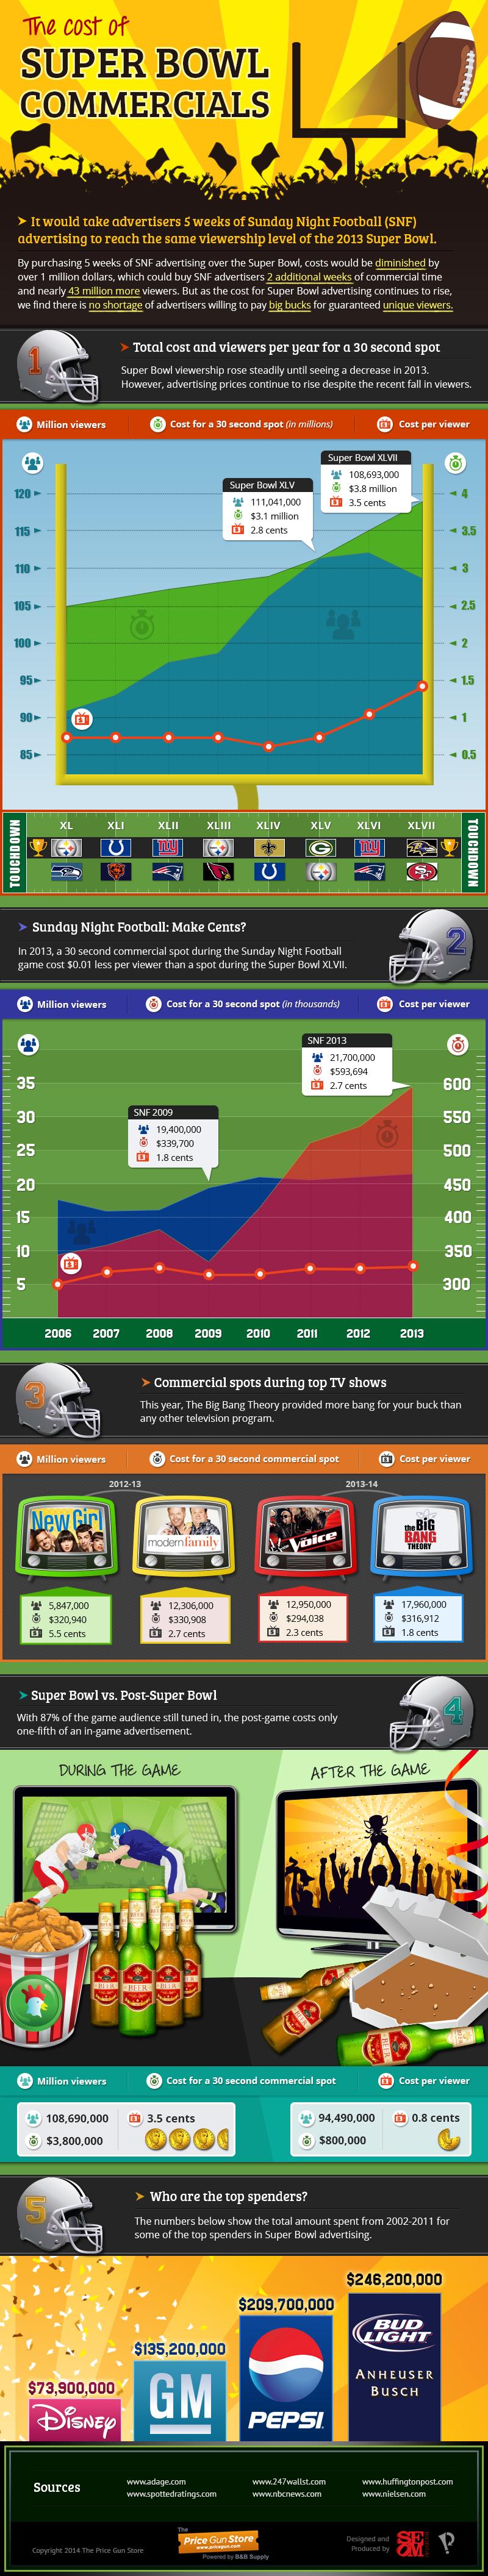 Cost of Super Bowl Commercials